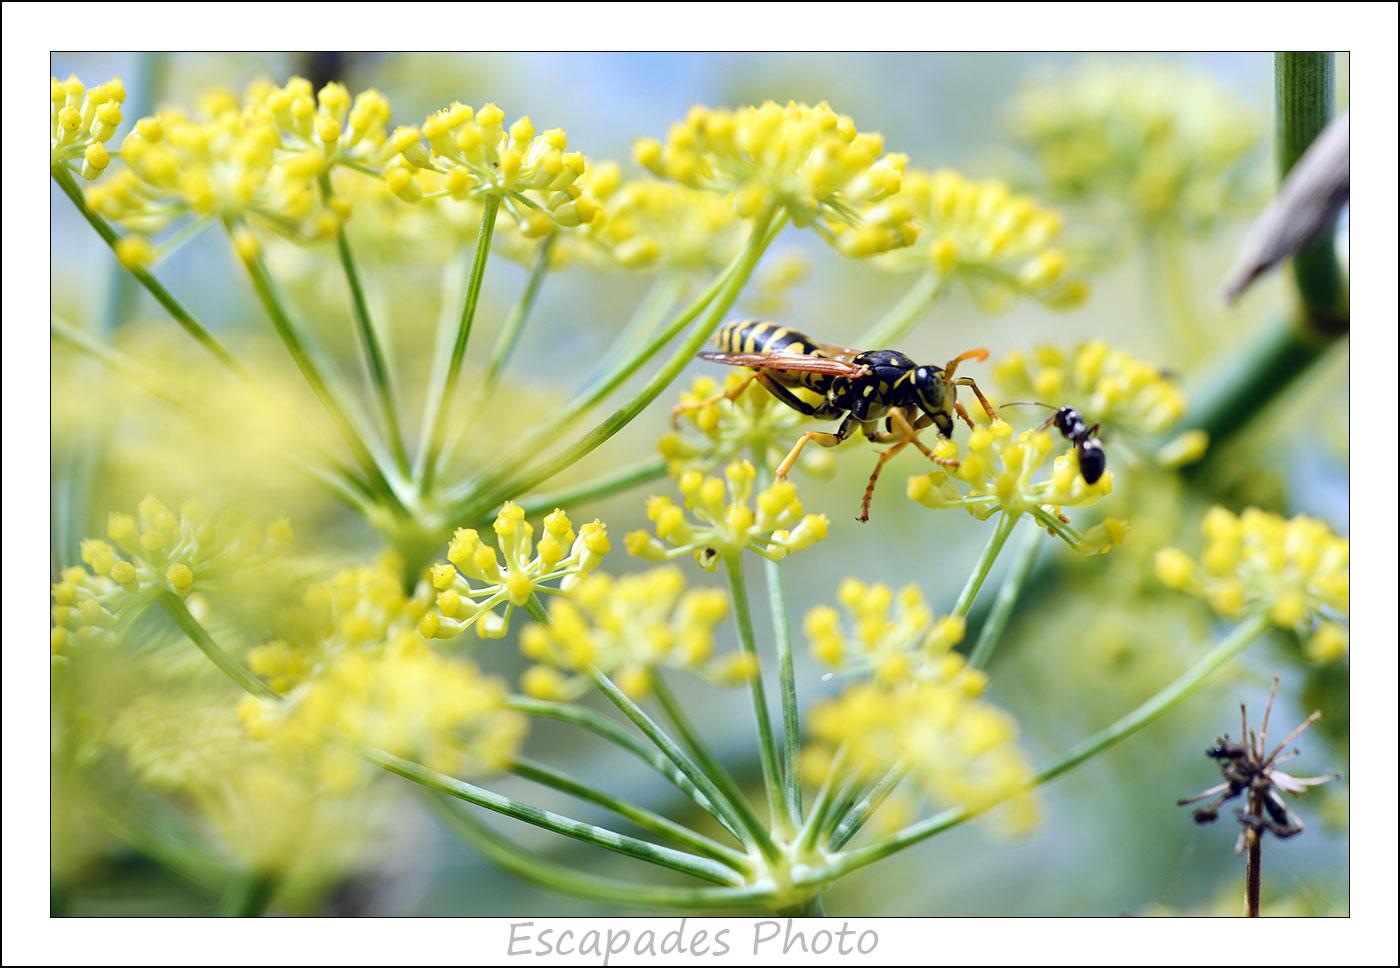 Fenouil commun - guêpe du genre bembex et fourmi sur une ombelle